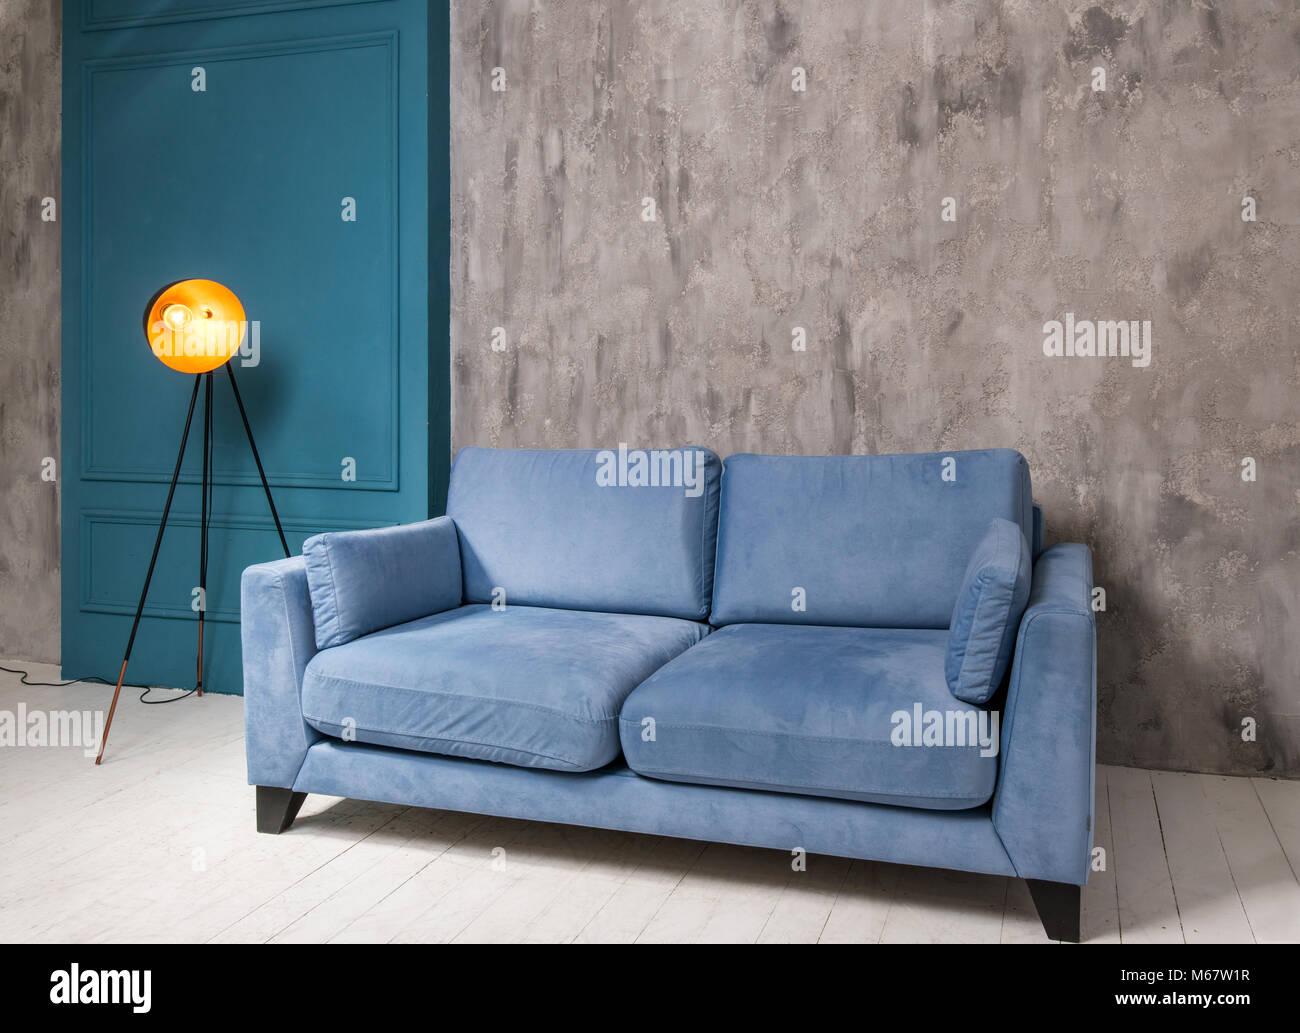 Salotto interno con divano blu e lampada retrò Immagini Stock